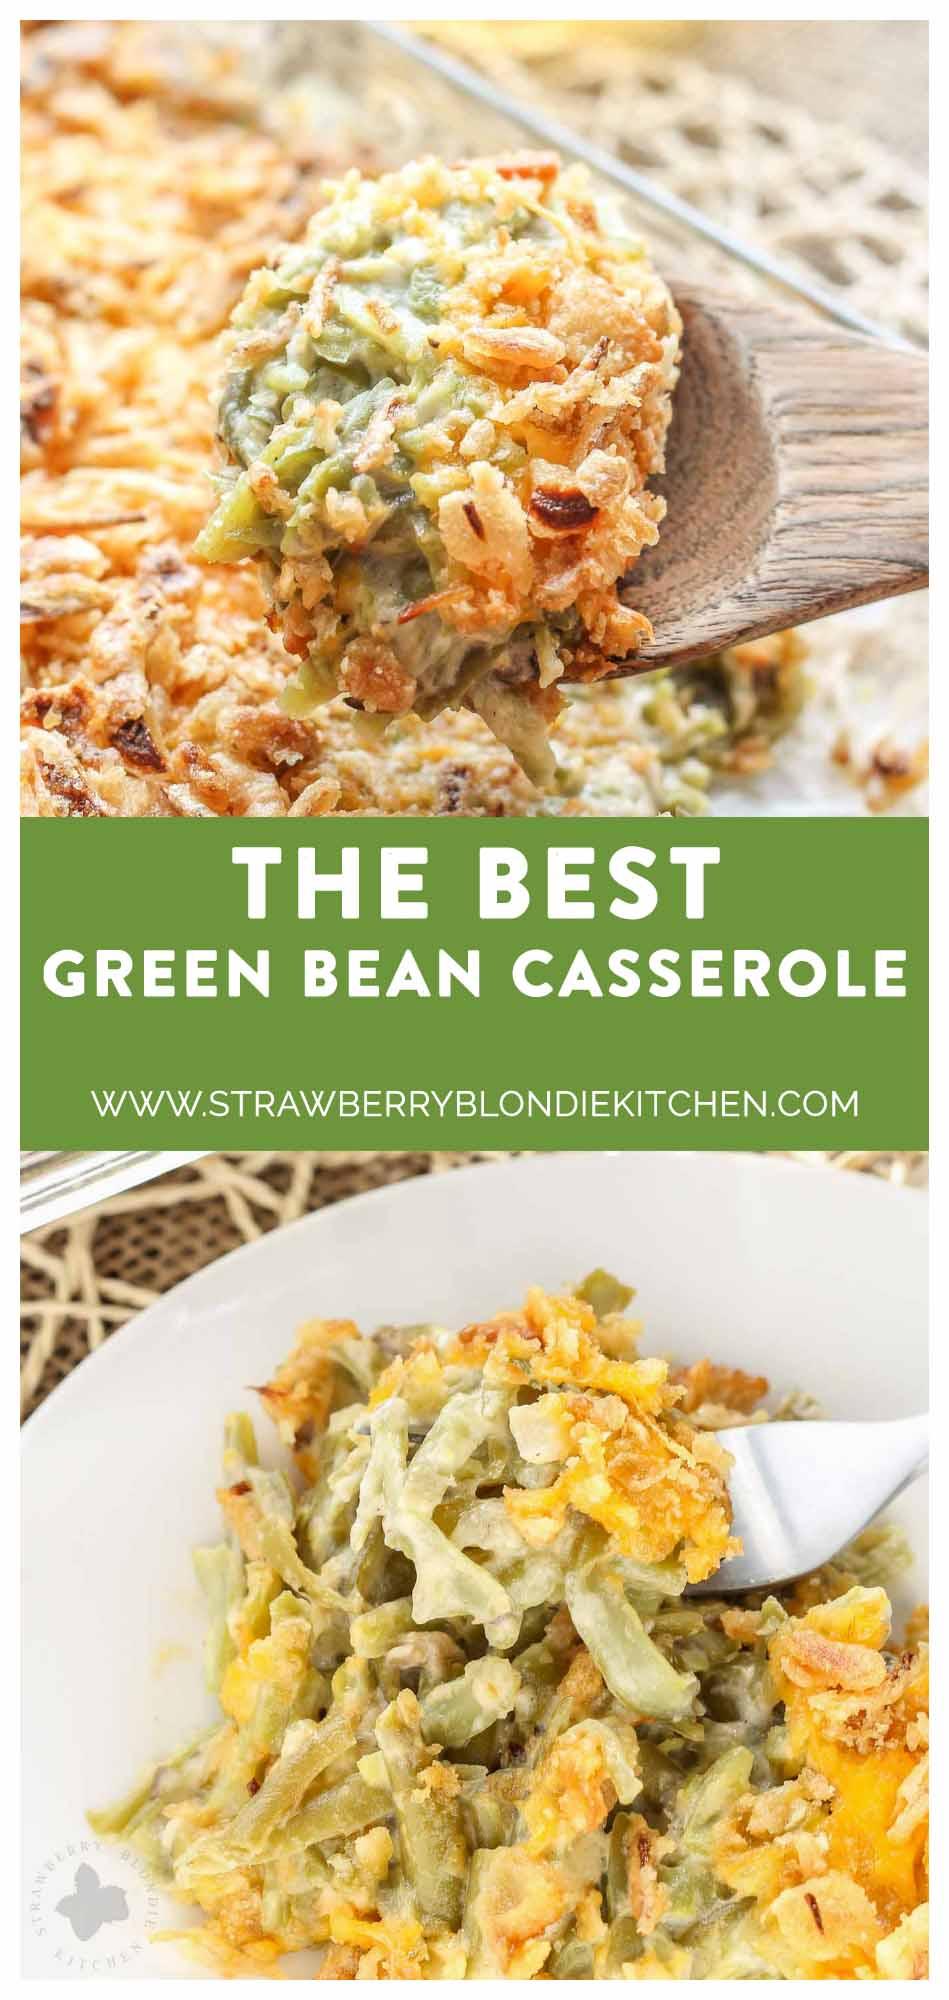 The Best Green Bean Casserole Strawberry Blondie Kitchen